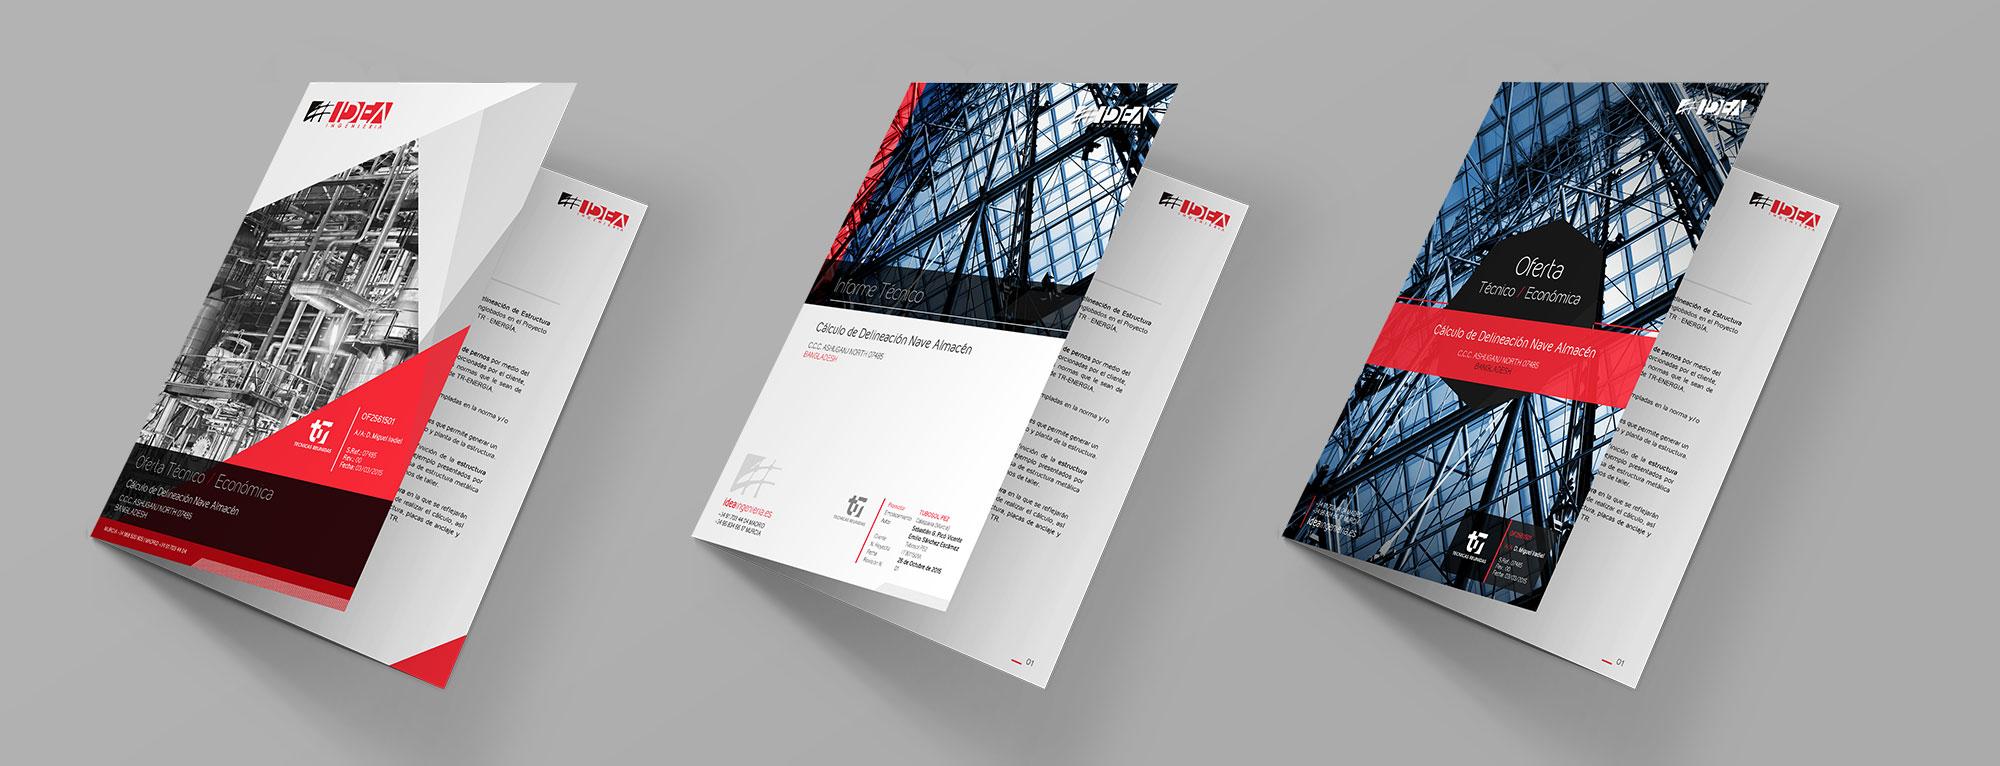 Dossier IdeaIng - Brande Comunicación 01